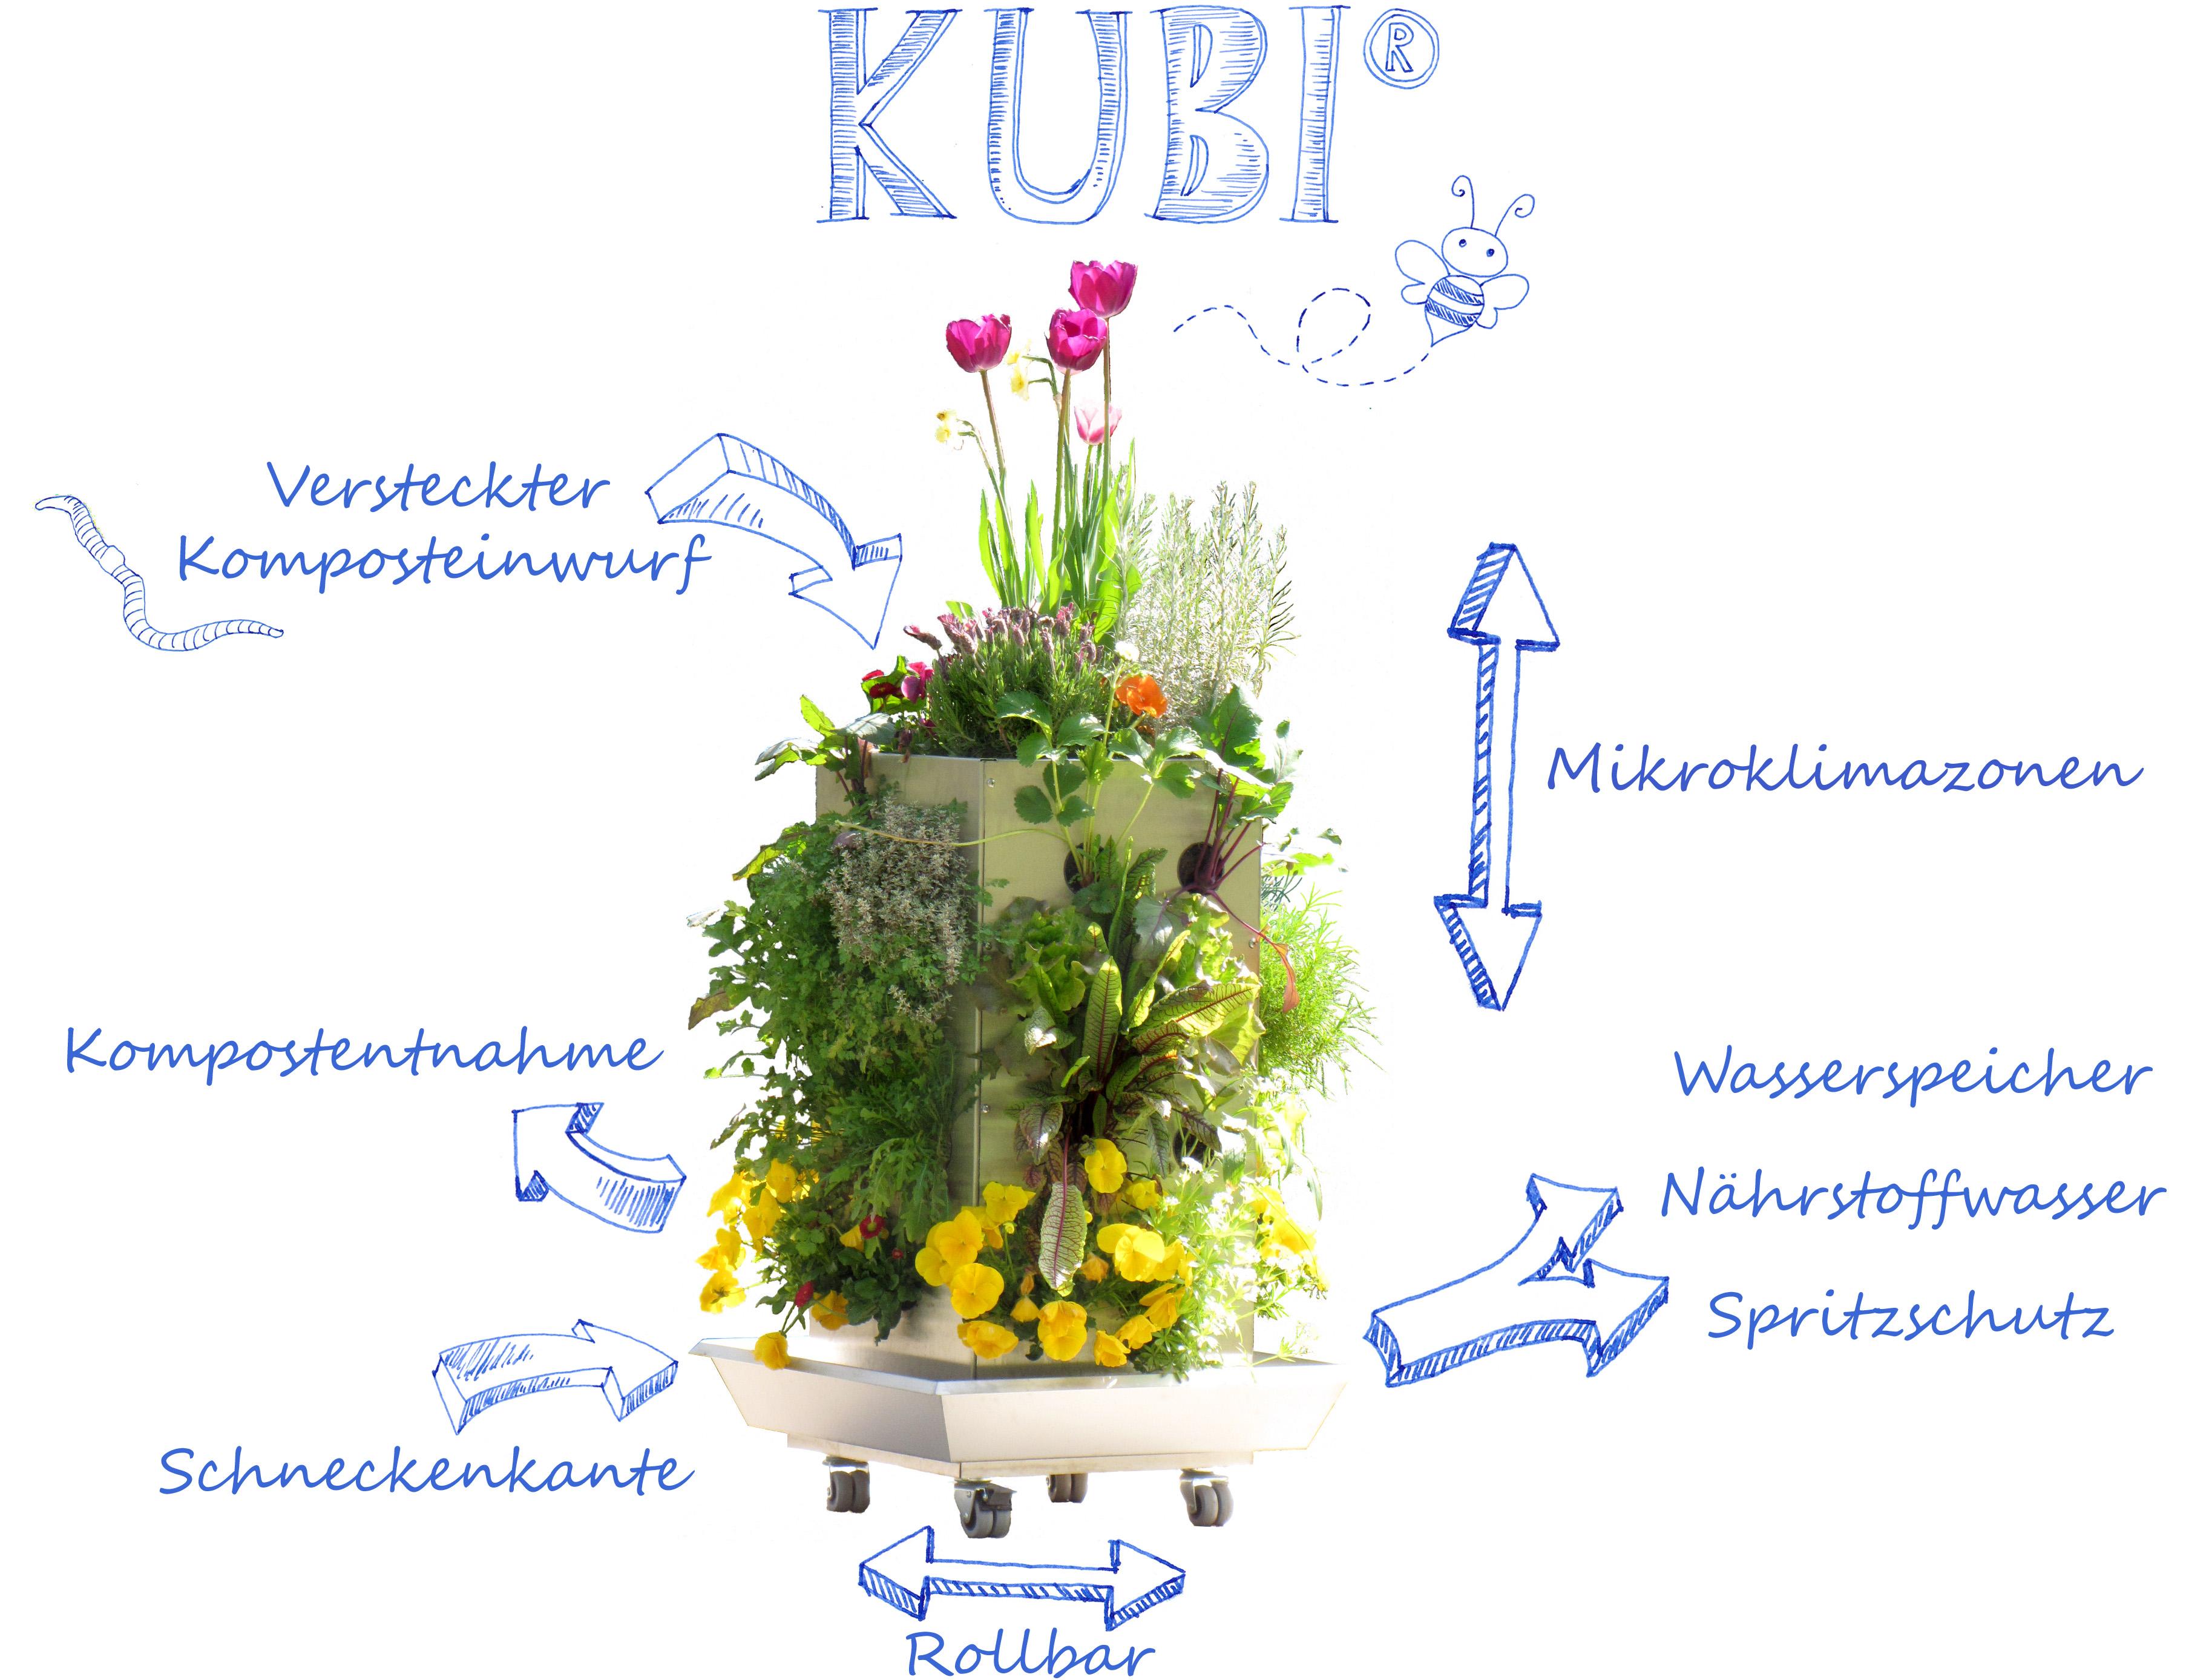 Kompost, Wasserspeicher, Schneckenkante, rollbar